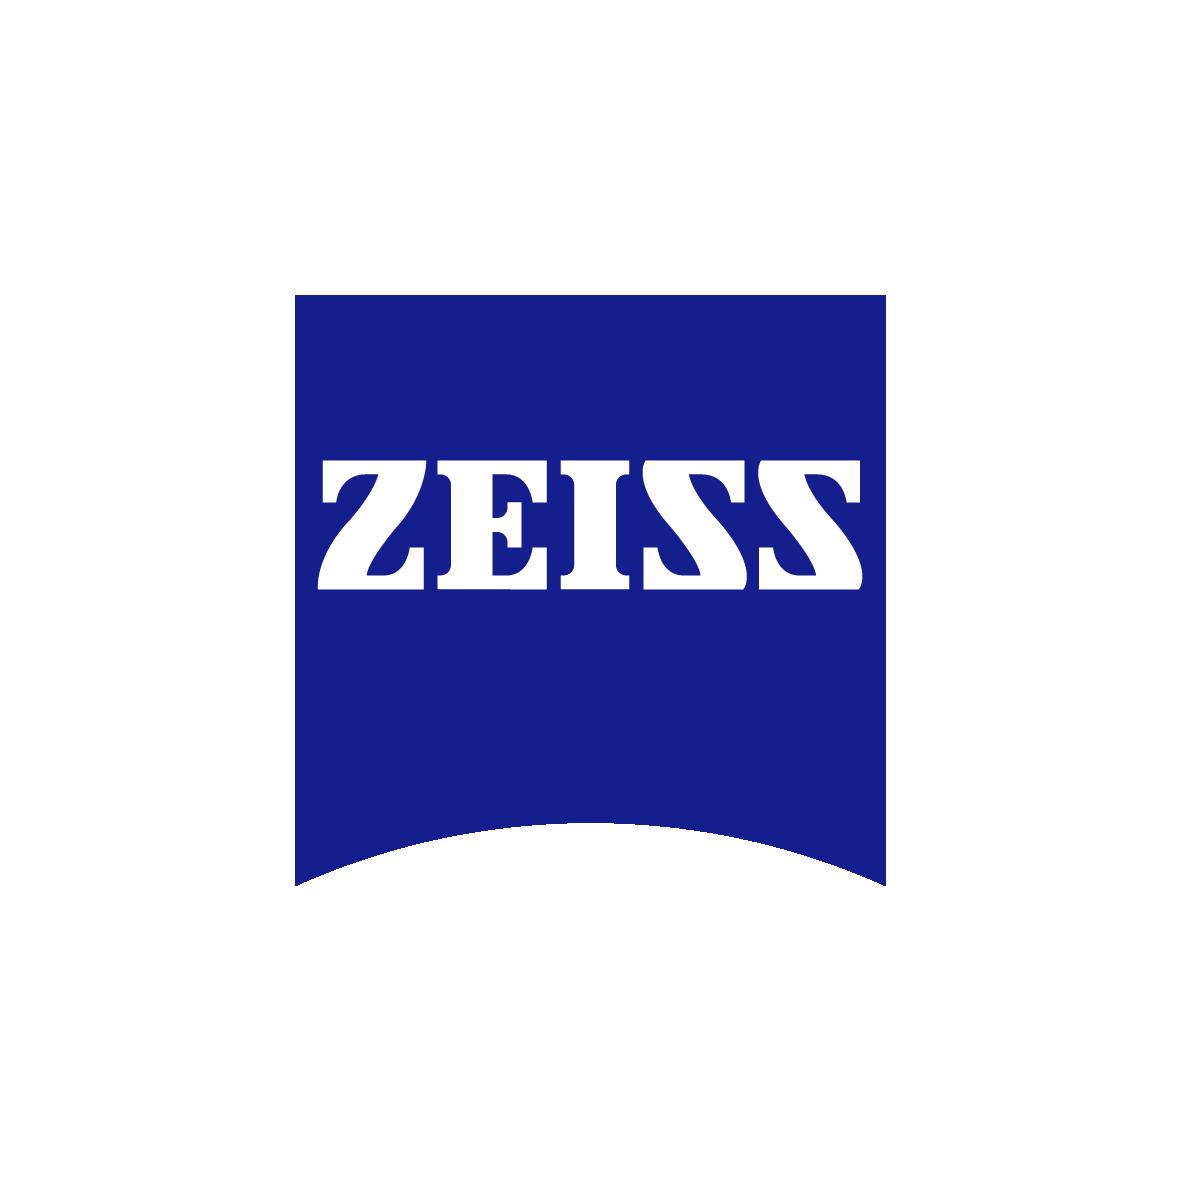 Carl Zeiss Meditec Vertriebsgesellschaft mbH